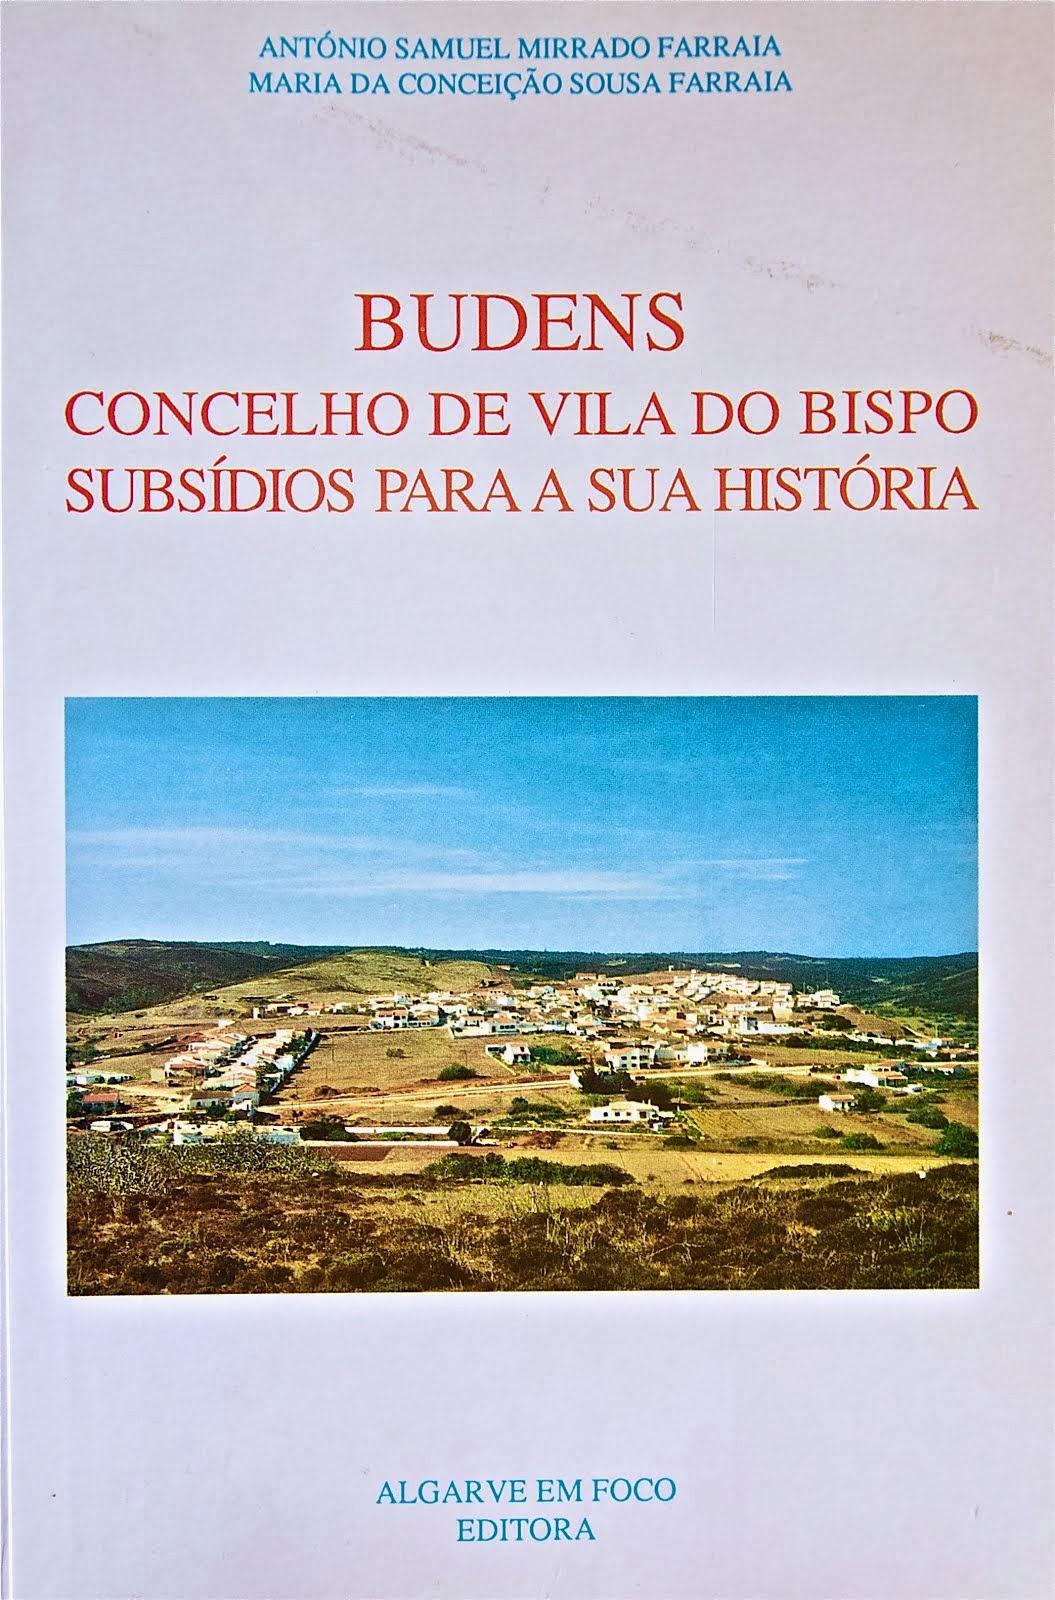 Budens - subsídios para a sua História